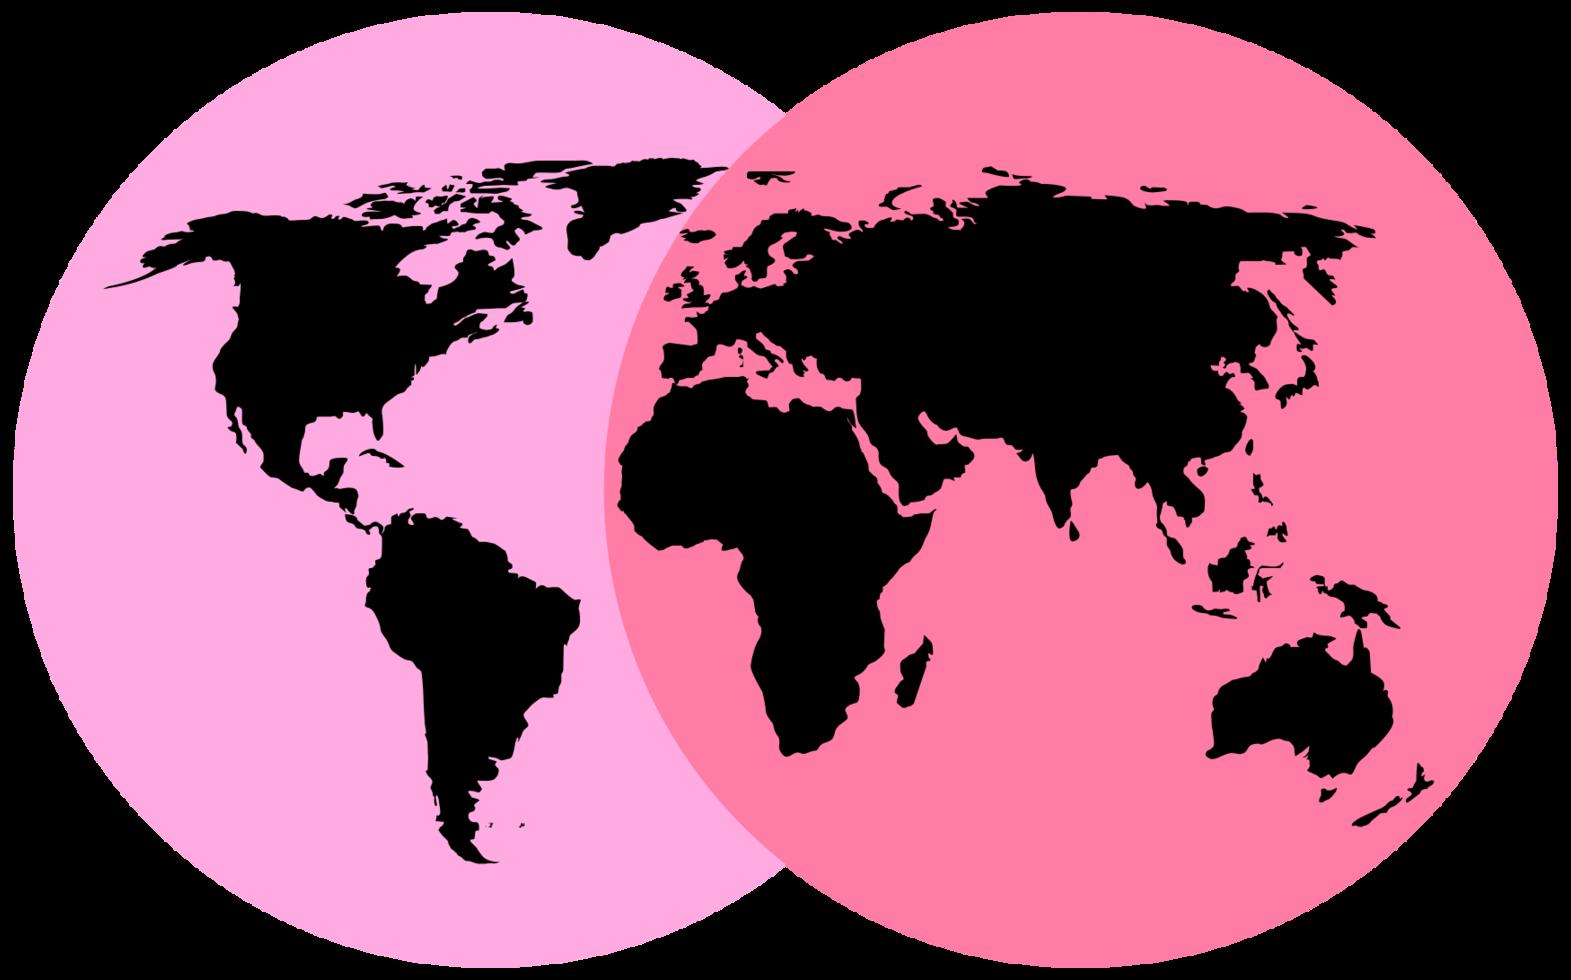 världskarta png